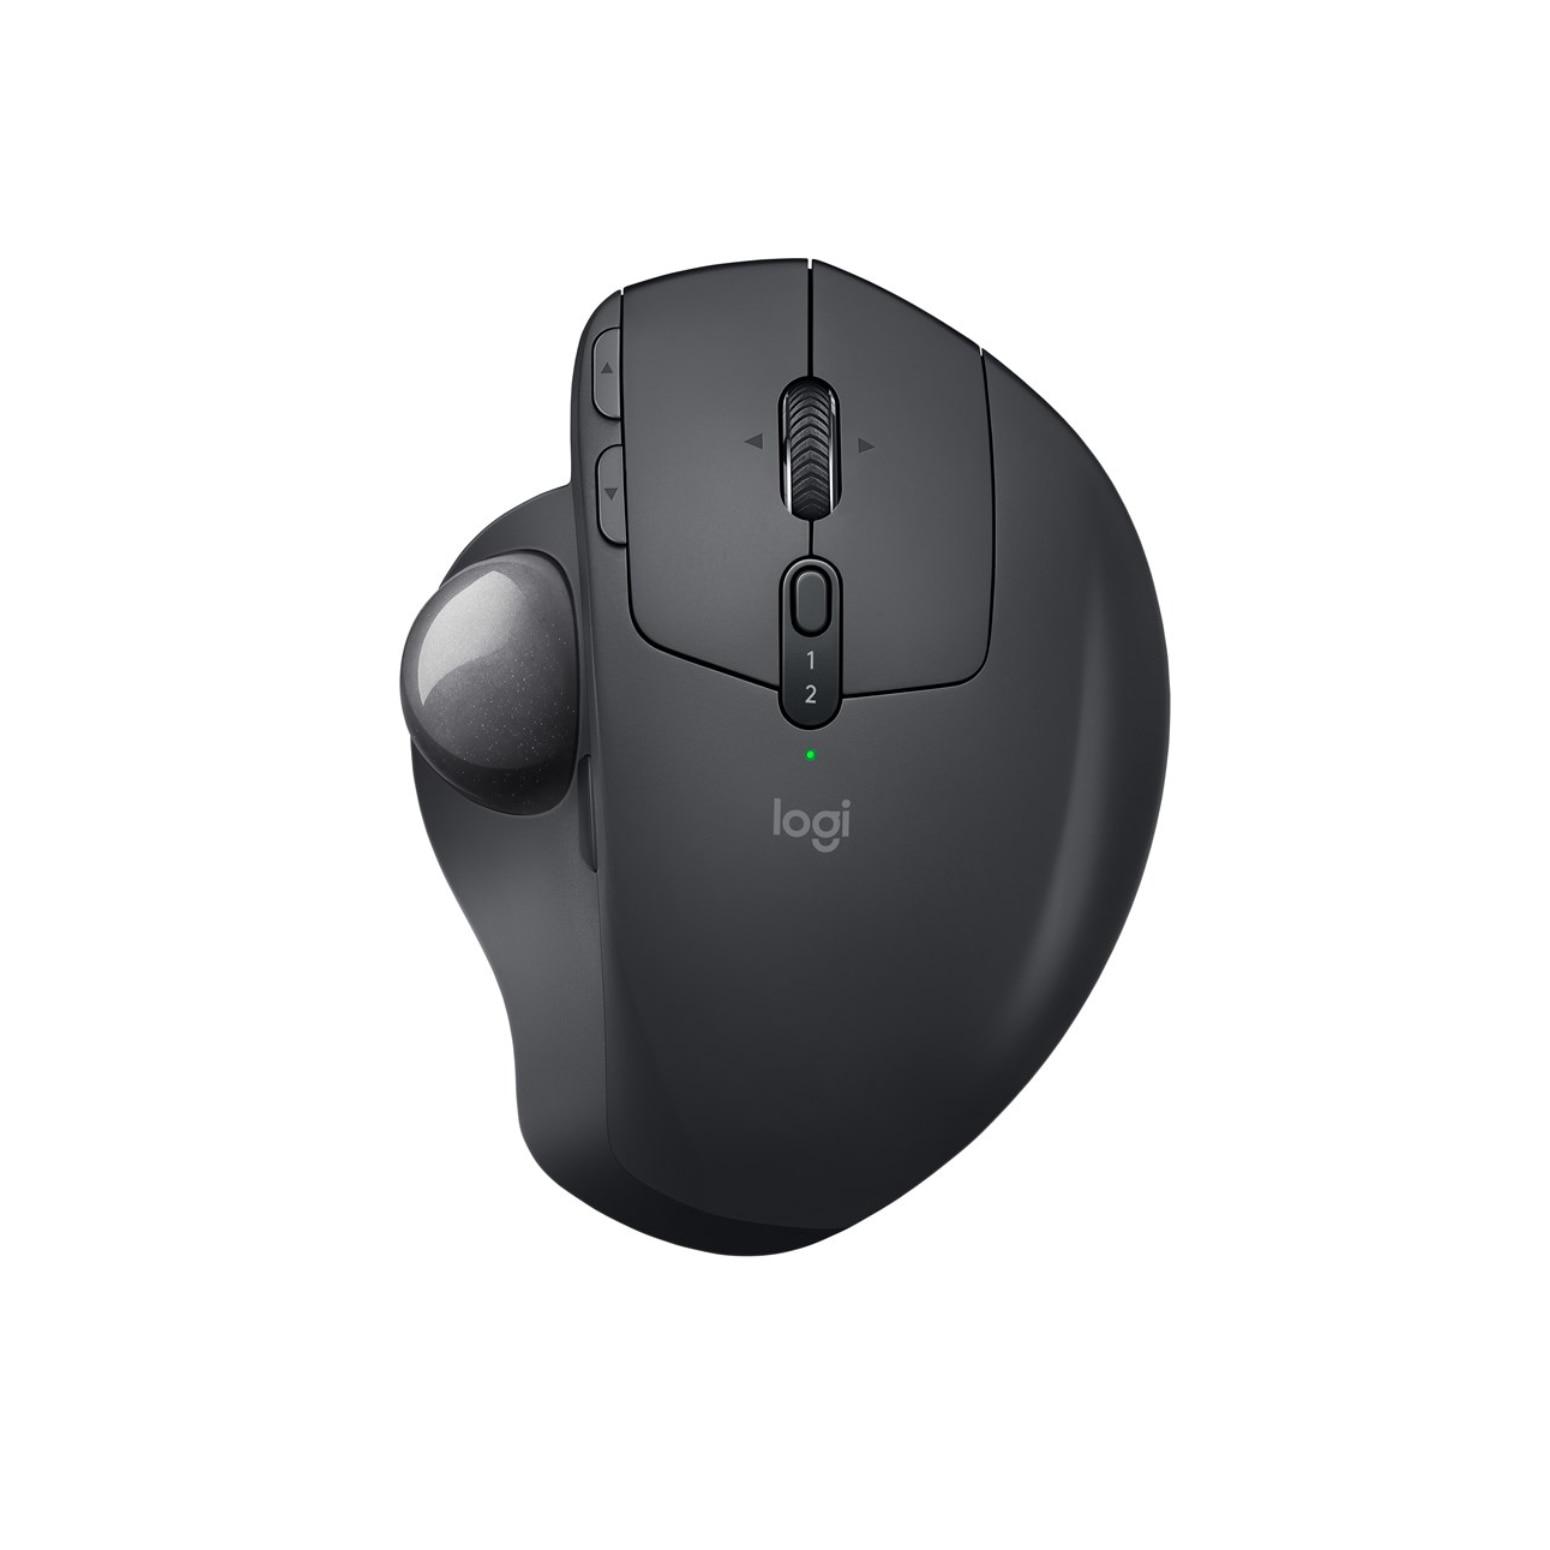 Logitech MX Ergo souris de jeu ordinateur sans fil souris Trackball Bluetooth souris droite-handrf 440 DPI 164g souris d'ordinateur noir